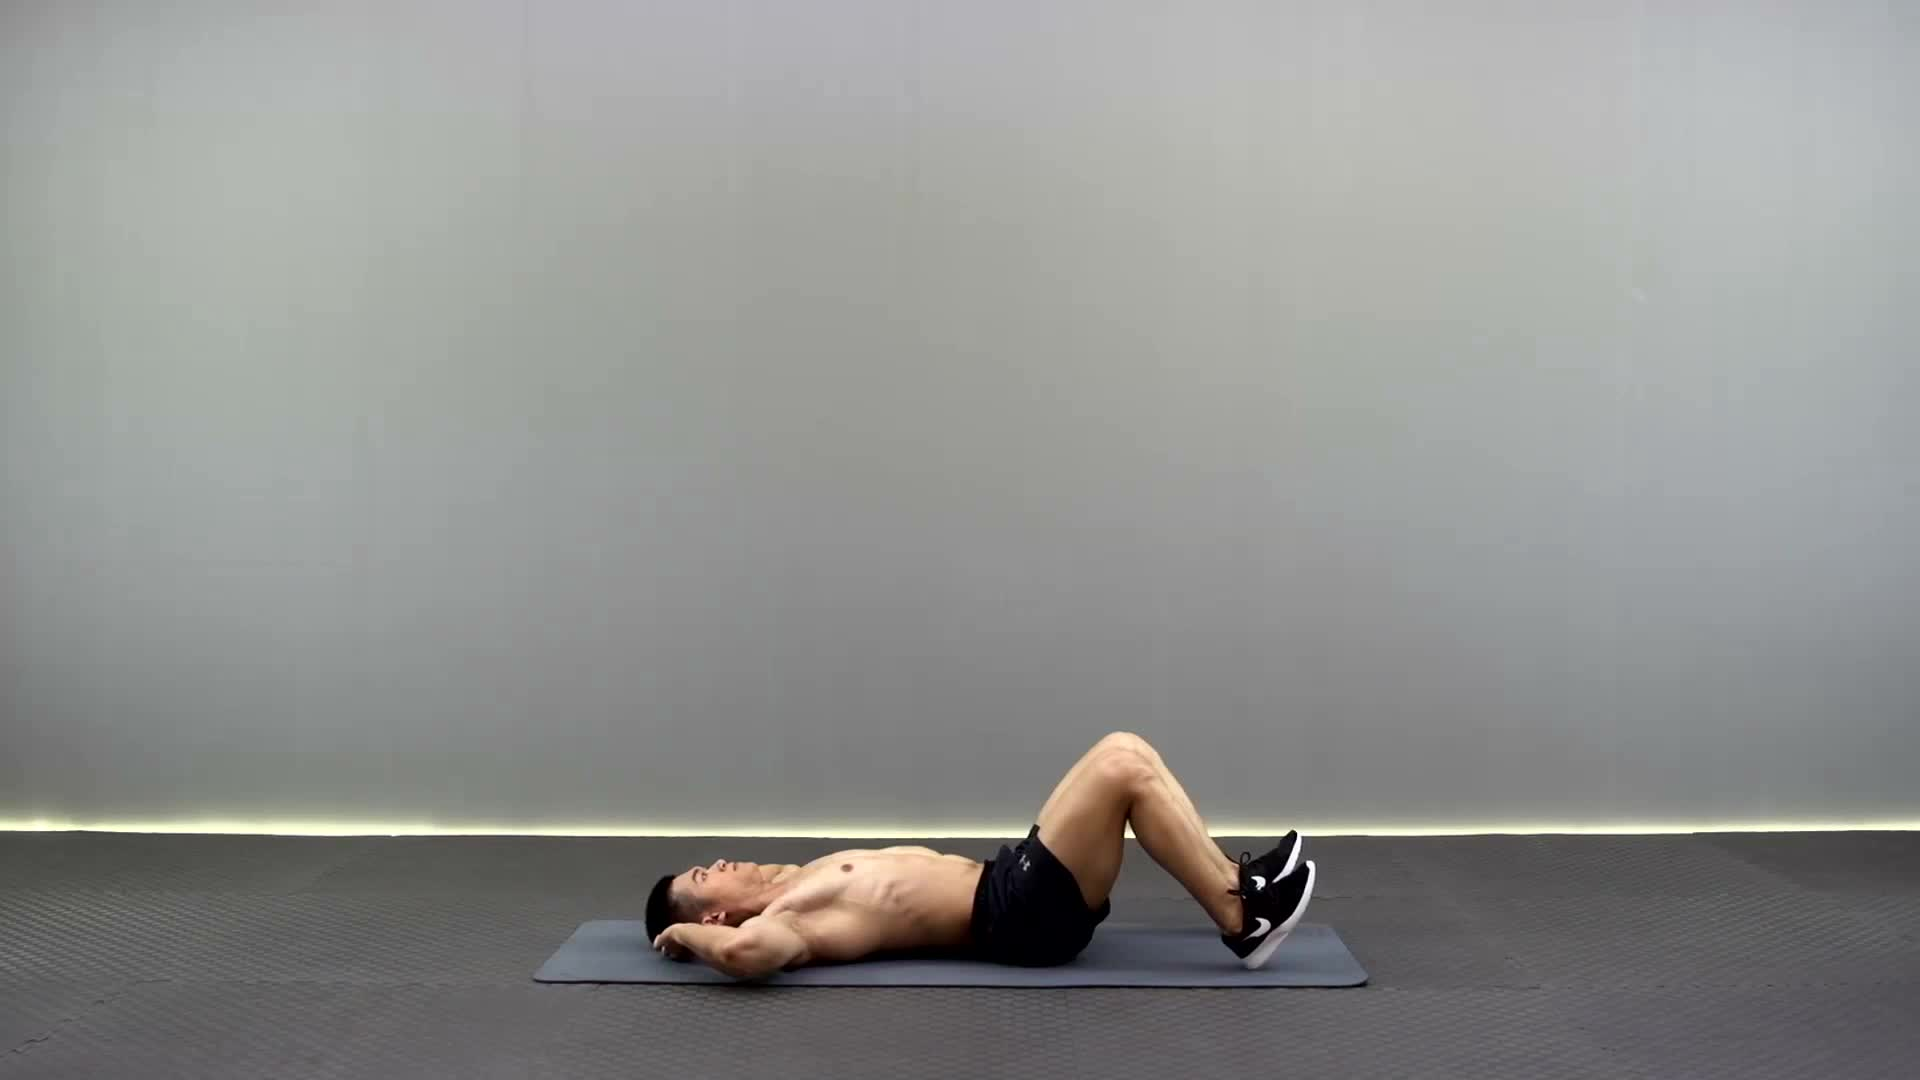 动作要领图                 腹部保持持续紧张,大腿和小腿成90度           主要肌肉示意图        屈膝两头起的动作要领 1部保持持续紧张,大腿和小腿成90度